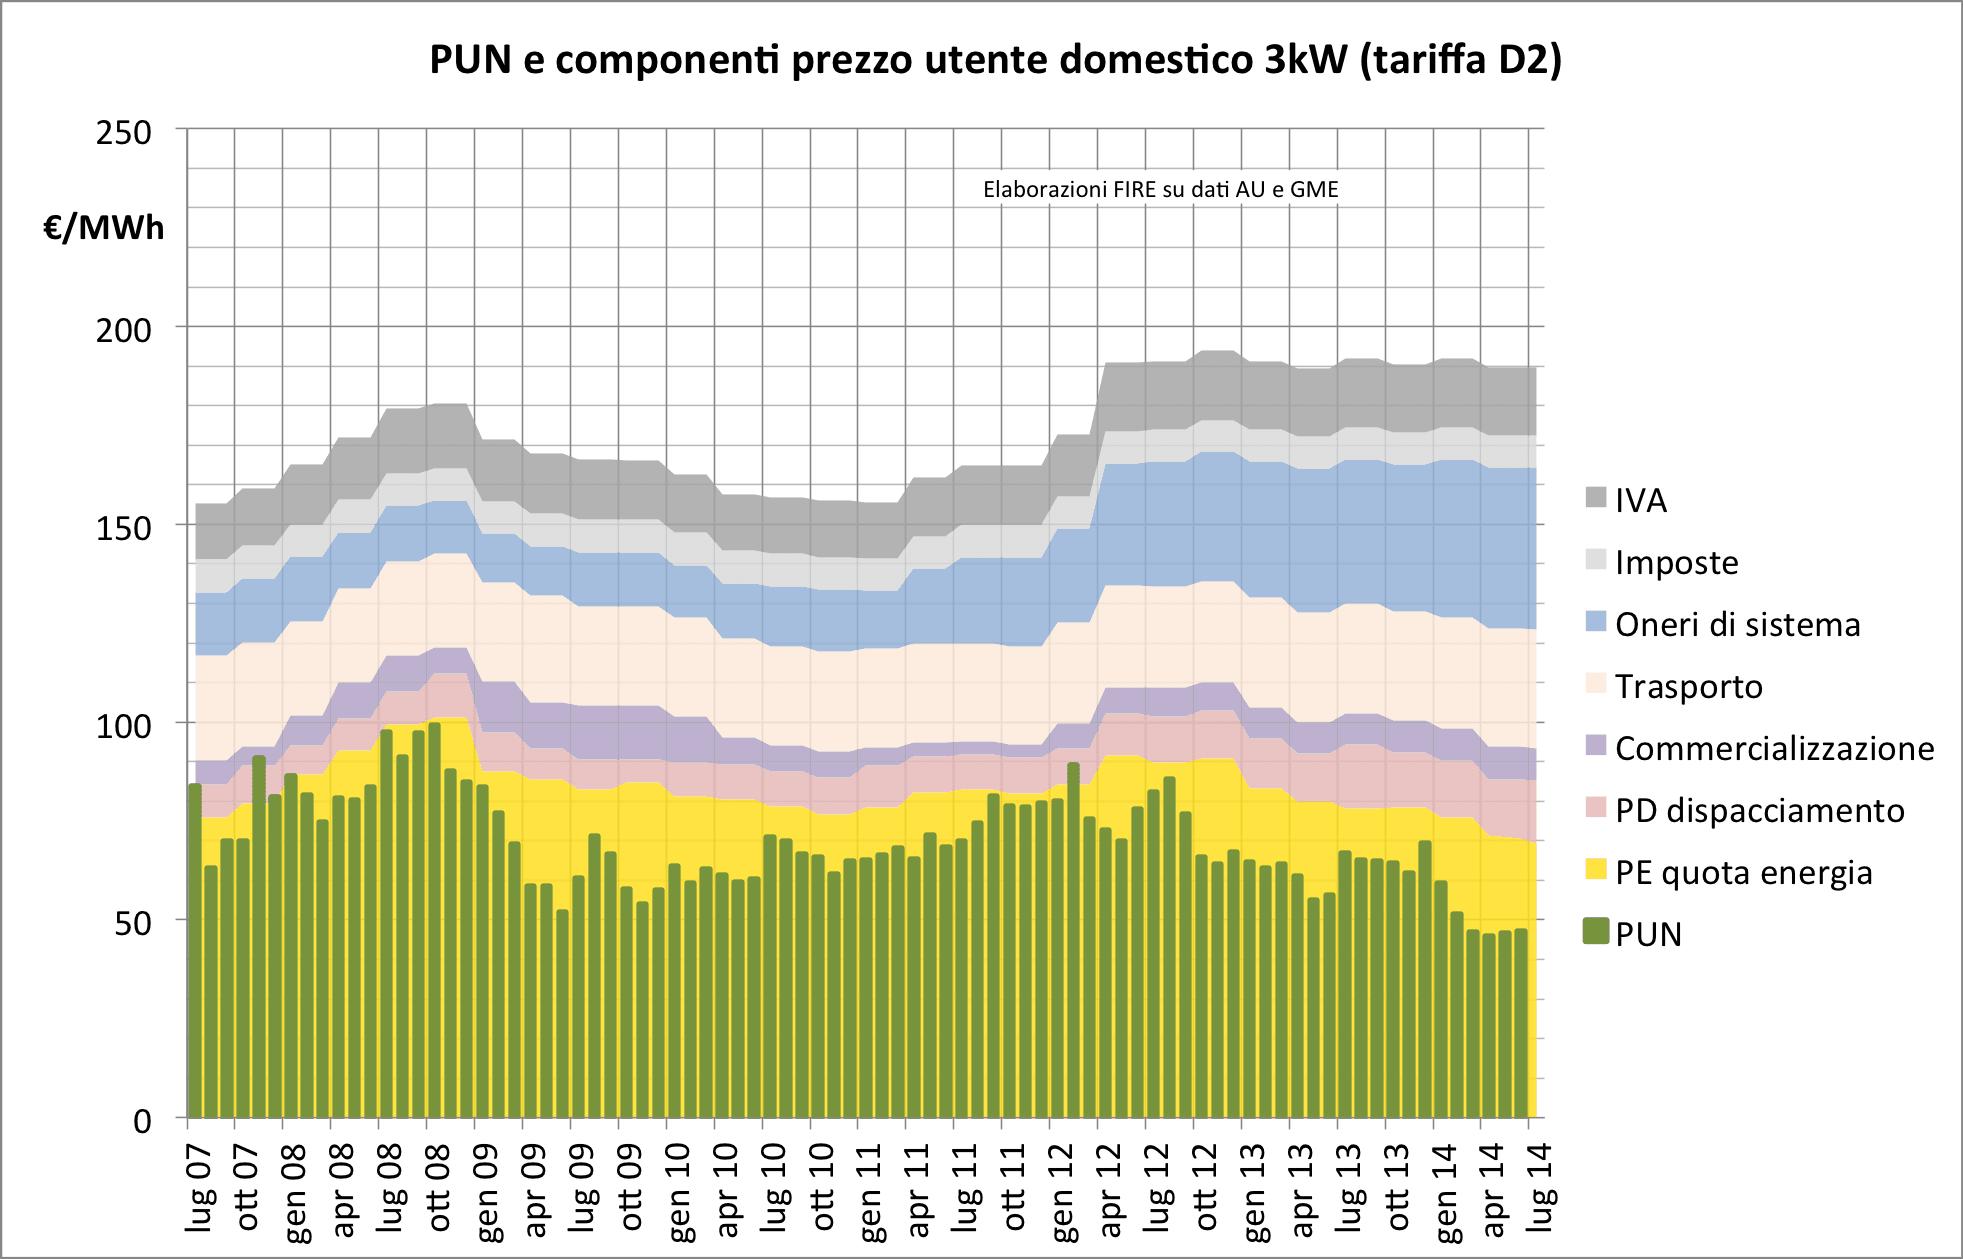 2014-07 grafico PUN e componenti tariffa D2